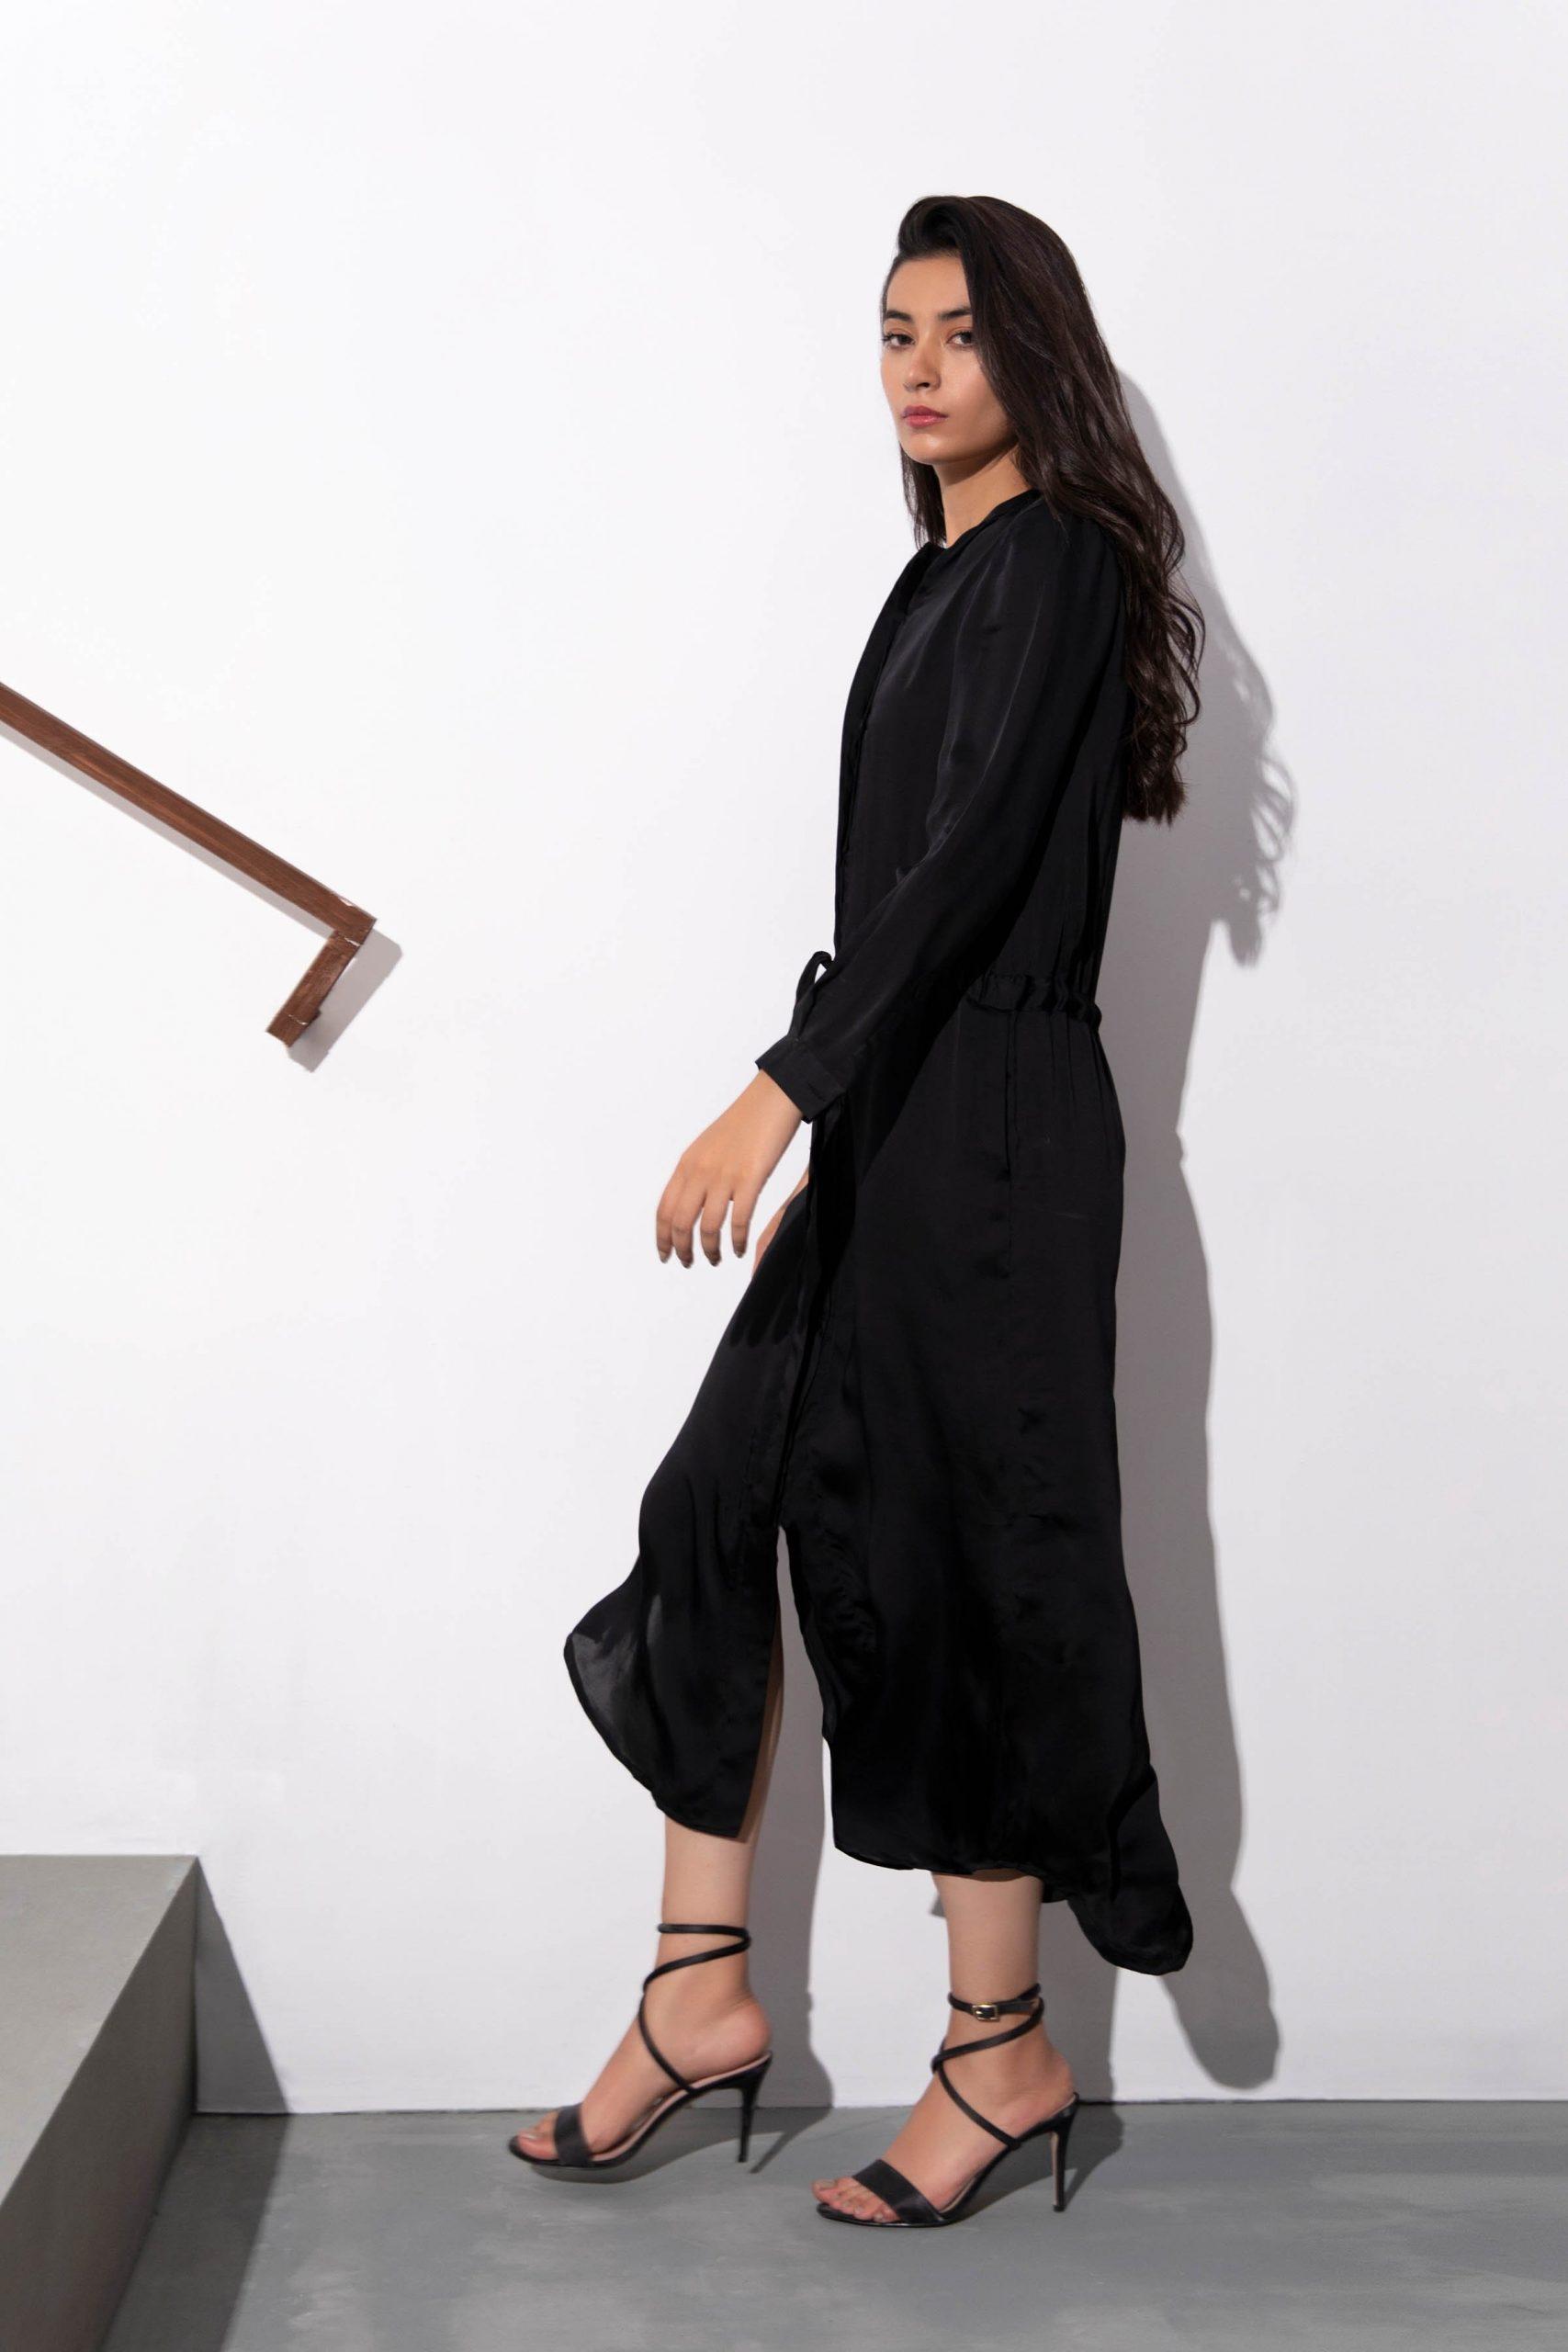 Black Dresses for Girls